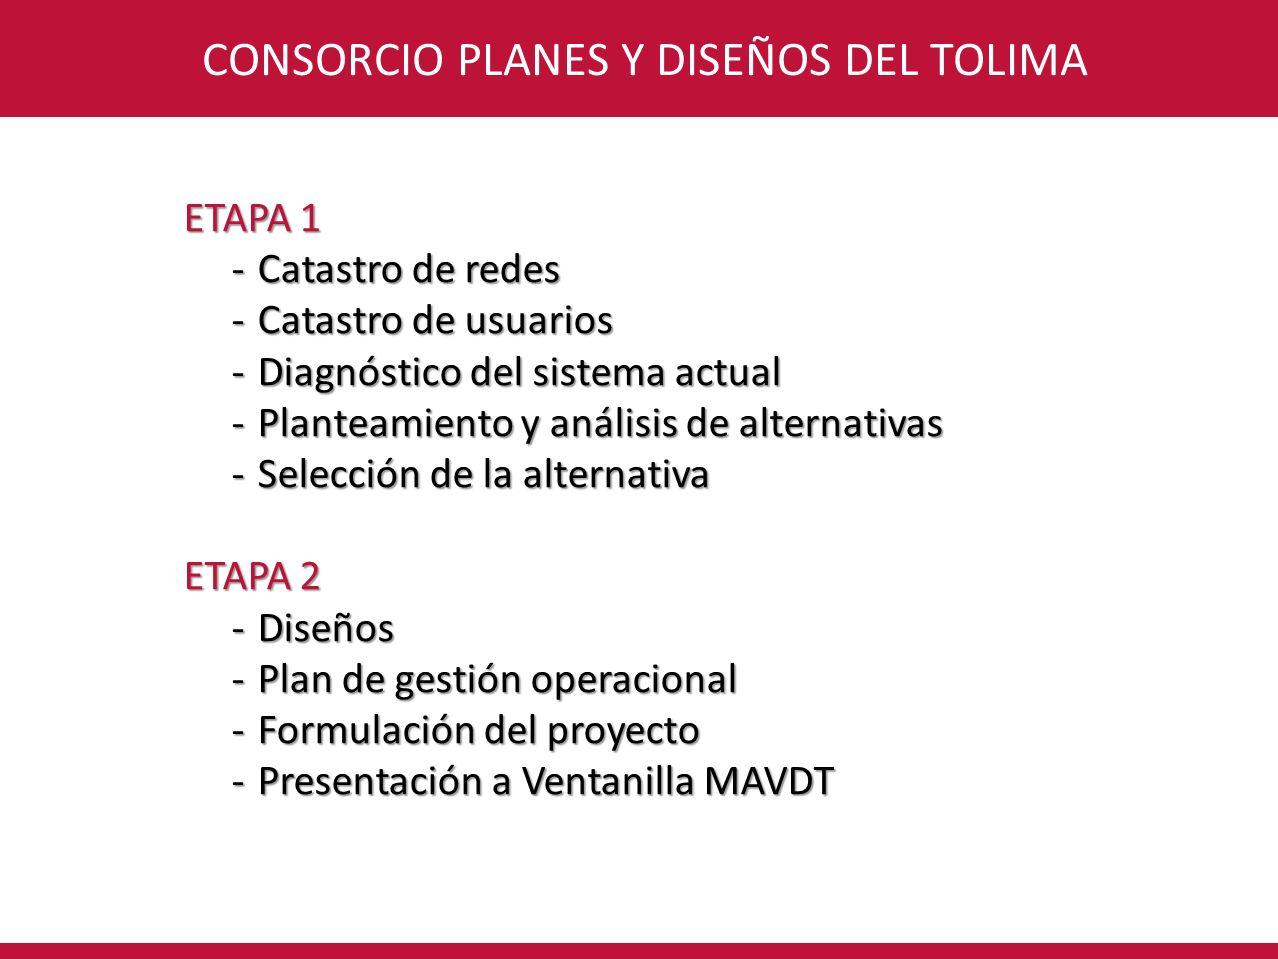 CONSORCIO INTERVENTORÍA POR UN NUEVO VALLEANÁLISIS ALTERNATIVAS Y RECOMENDACIÓN ALTERNATIVA 1ALTERNATIVA 2ALTERNATIVA 3ALTERNATIVA 4 OPTIMIZACIÓN DEL SISTEMA, UN BOMBEO, BY PASSTODO NUEVO A GRAVEDAD INDEPENDIZACIÓN DE SISTEMAS INVERSIÓN MINIMA SUMINISTRO AGUA TRATADA $795.000.000$916.000.000$900.000.000$405.000.000 VENTAJAS Mas rápida en ejecución de obrasMenores costos de operación Se garantiza calidad del servicioMenores inversiones Menores costos Se tiene la infraestructura nueva Aprovechamiento infraestructura existente Solución en el servicio en el corto tiempo Continuidad en el servicio Se garantiza calidad del servicio Confiabilidad en la planeación de las inversiones Aprovechamiento infraestructura existenteMano de obra de la zona Se garantiza la calidad del servicio Se garantiza calidad del servicioContinuidad en el servicio DESVENTAJASVida útil remanente incierta Mayor tiempo de ejecución de las obras Limitaciones de operación por la PTAP compacta No se garantiza la continuidad del servicio Mano de obra especializada La PTAP existente con poco servicio queda fuera de operación Alta inversión en optimización de estructuras existentesVulnerabilidad del sistema Altos costos de operación por bombeo Queda fuera de operación toda la infraestructura existente Mayor cantidad de operadores Estructuras con limitaciones de servicio Se generan impactos ambientales Mayores distancias para mantenimiento Dependiendo de los resultados del estudio de reptación se requiere la actualización del PMA en mediano plazo Mayor impacto en la tarifa